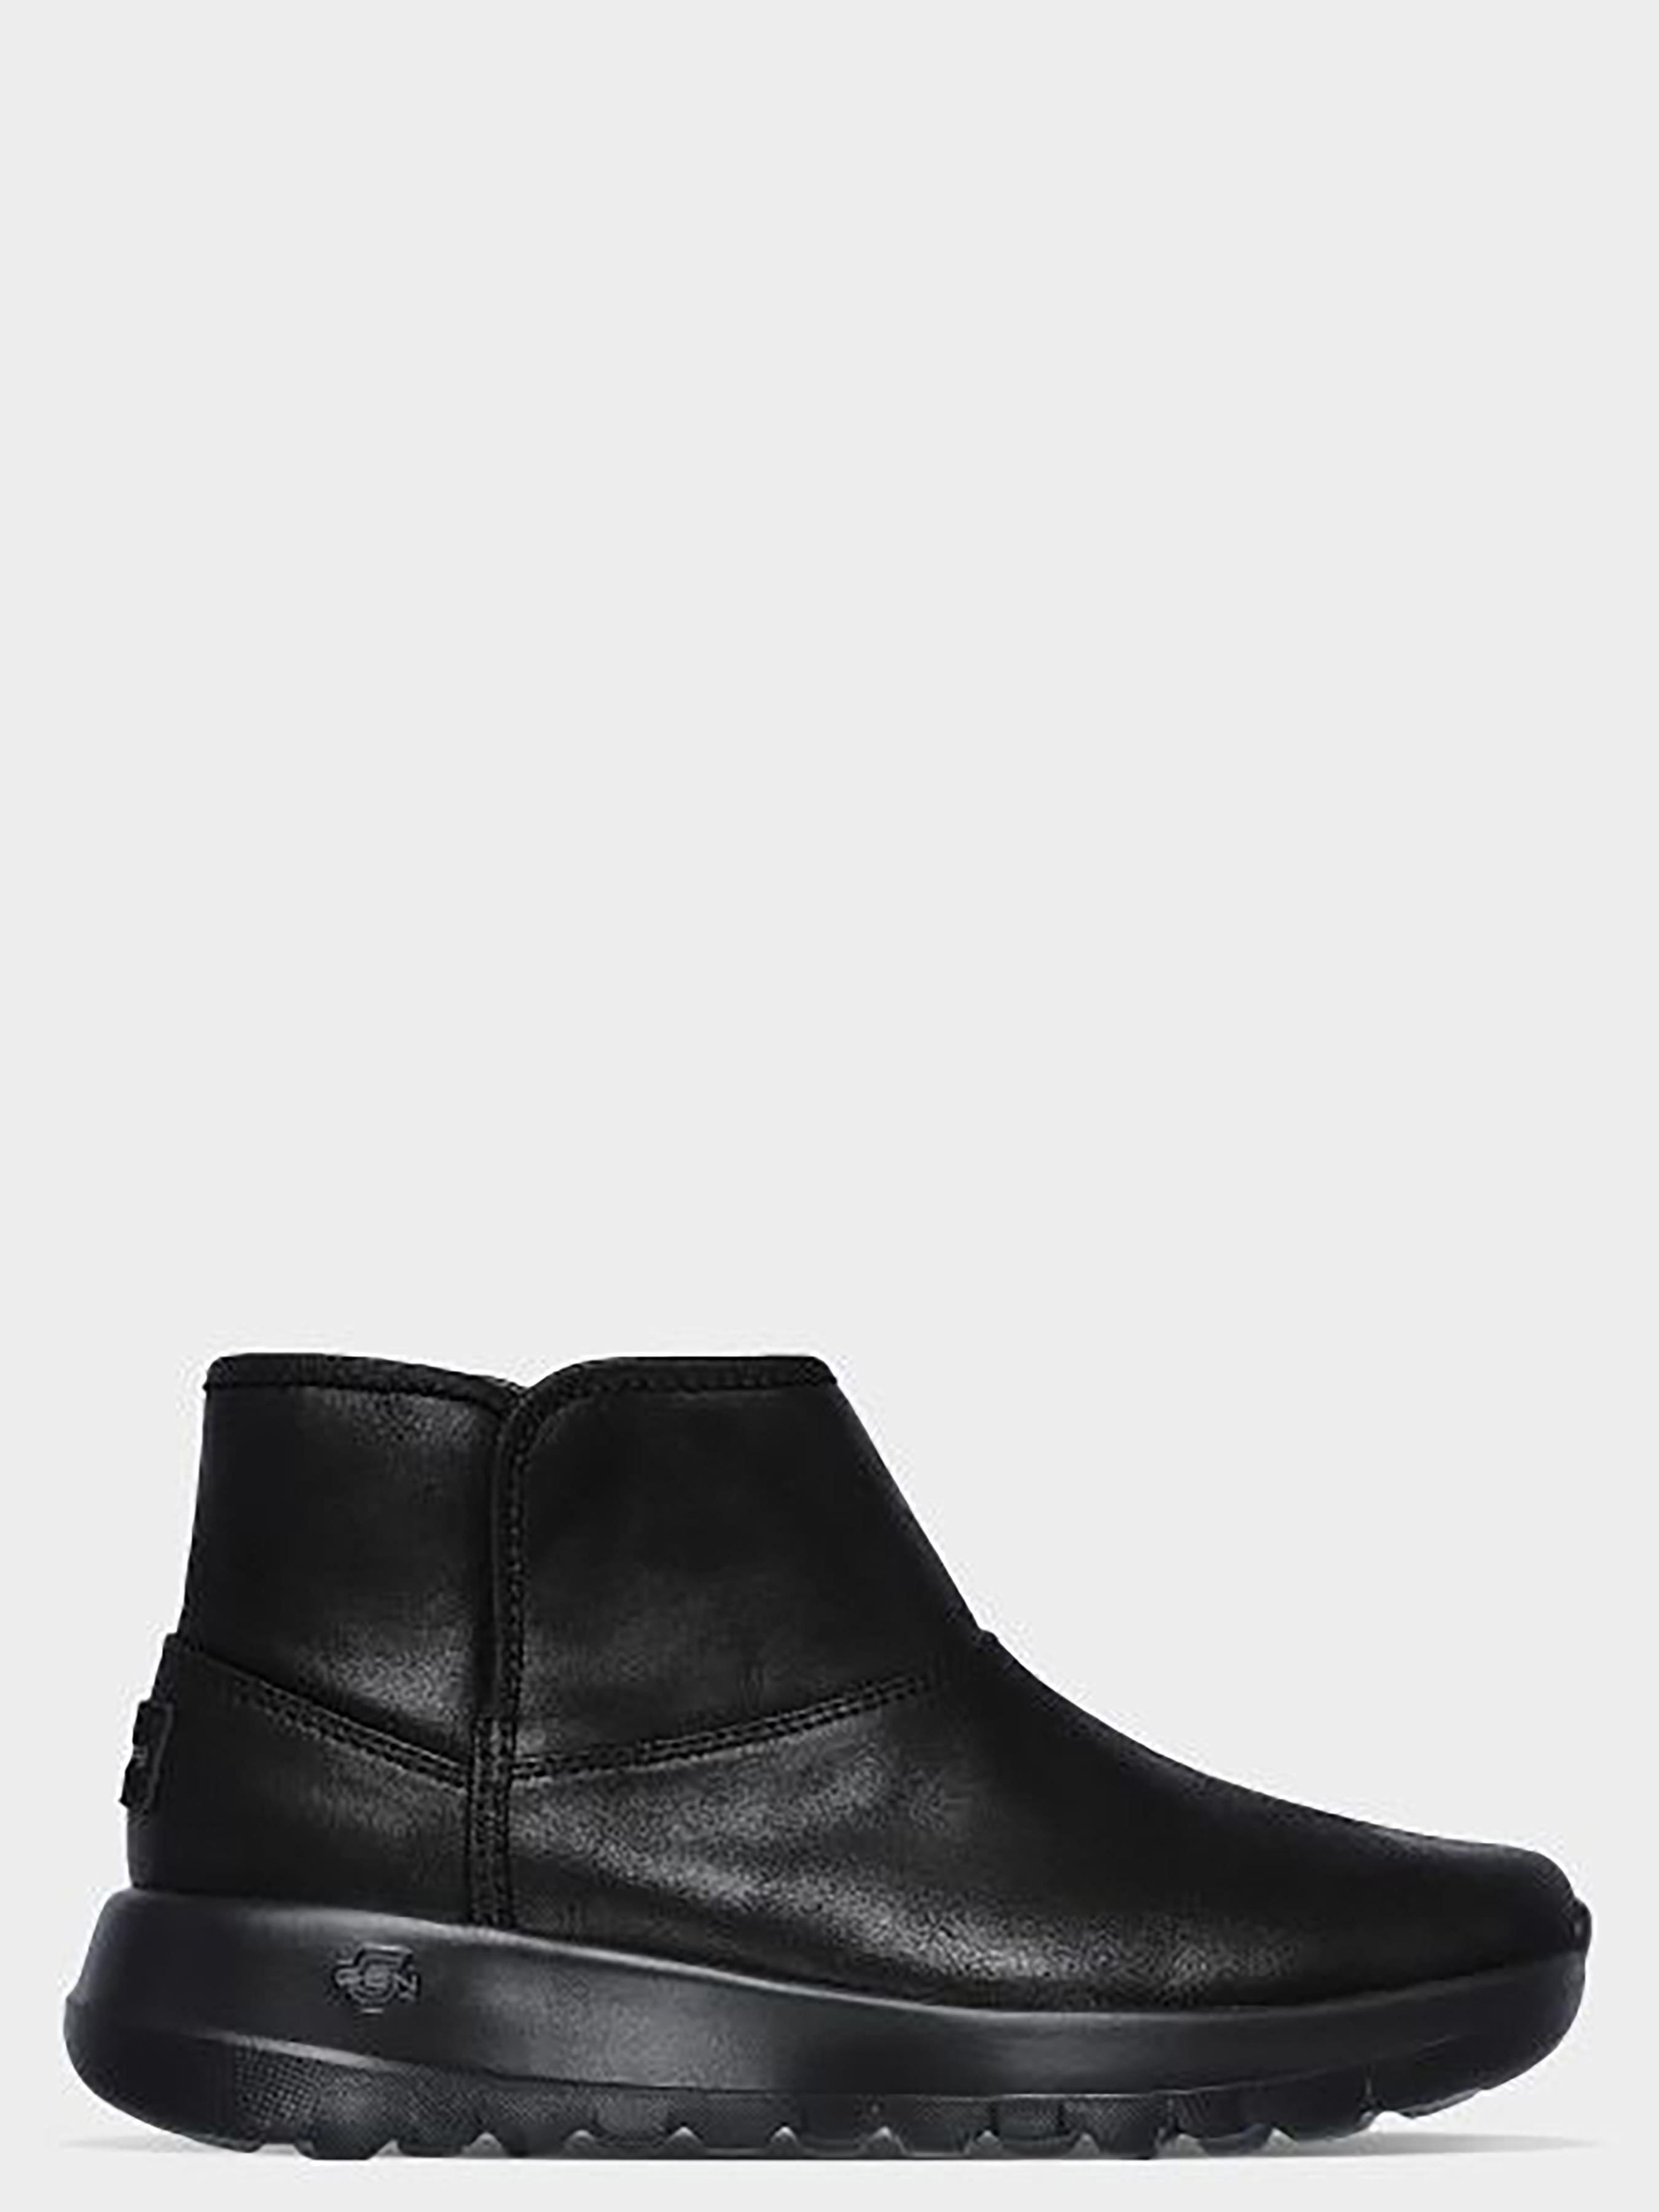 Купить Ботинки женские Skechers KW5127, Черный